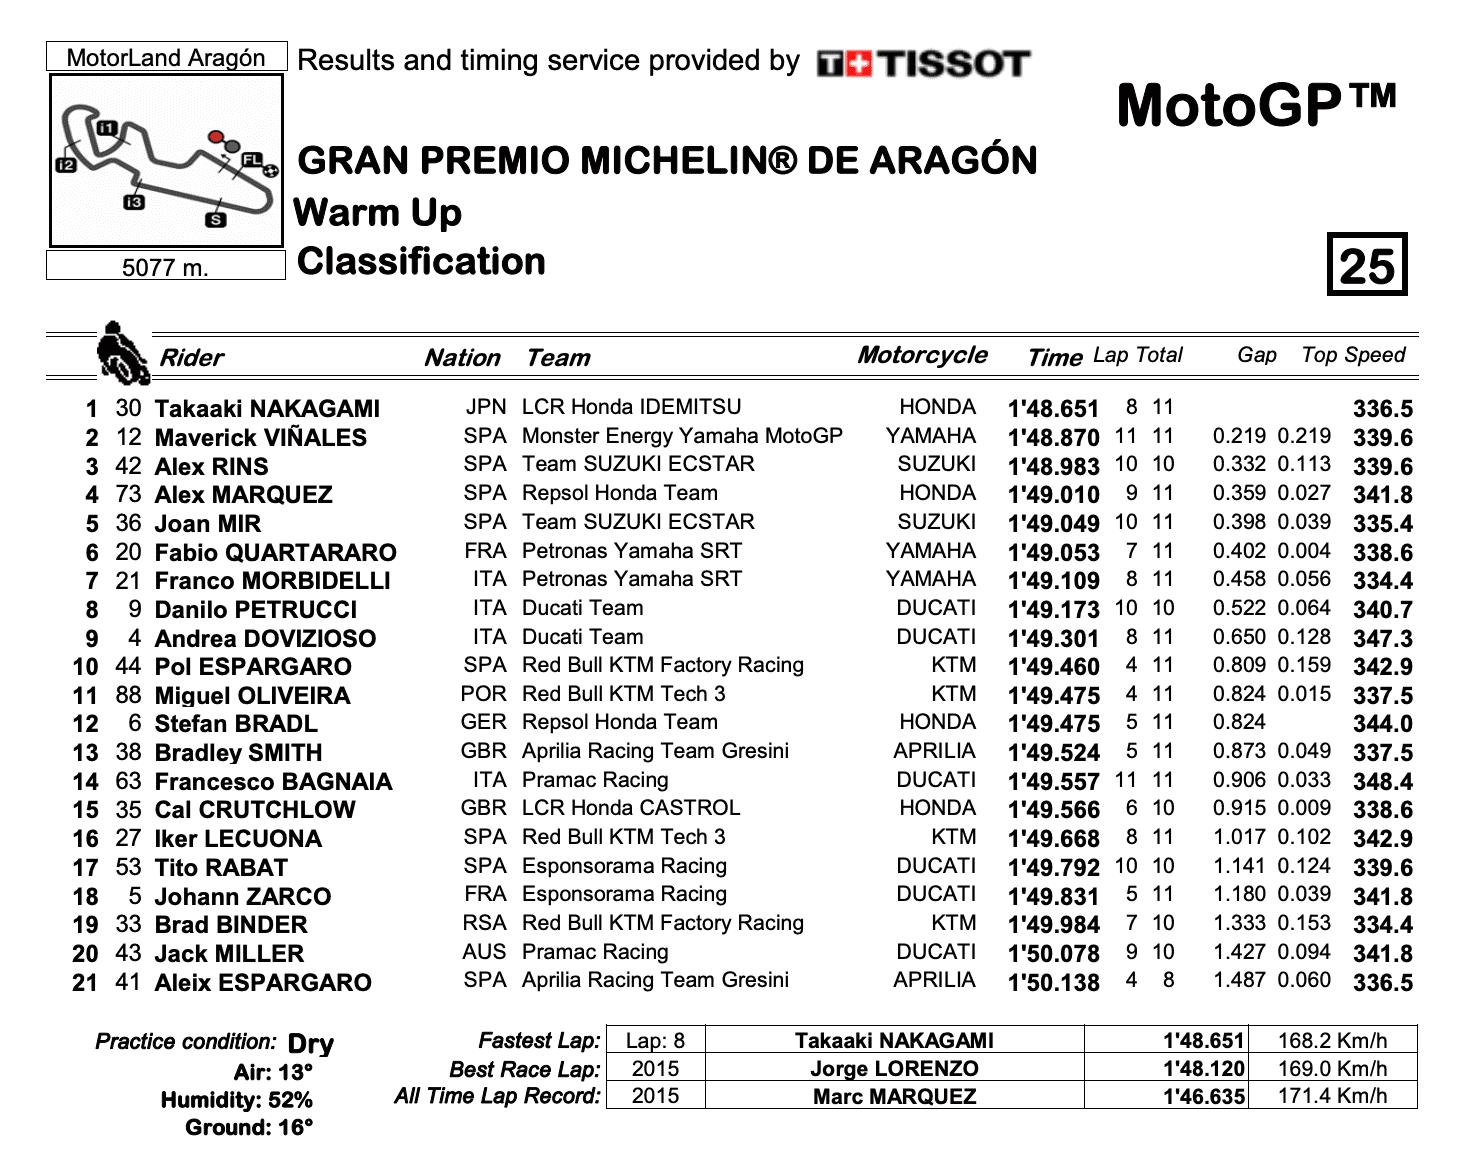 MotoGP2020アラゴンGP WUP結果